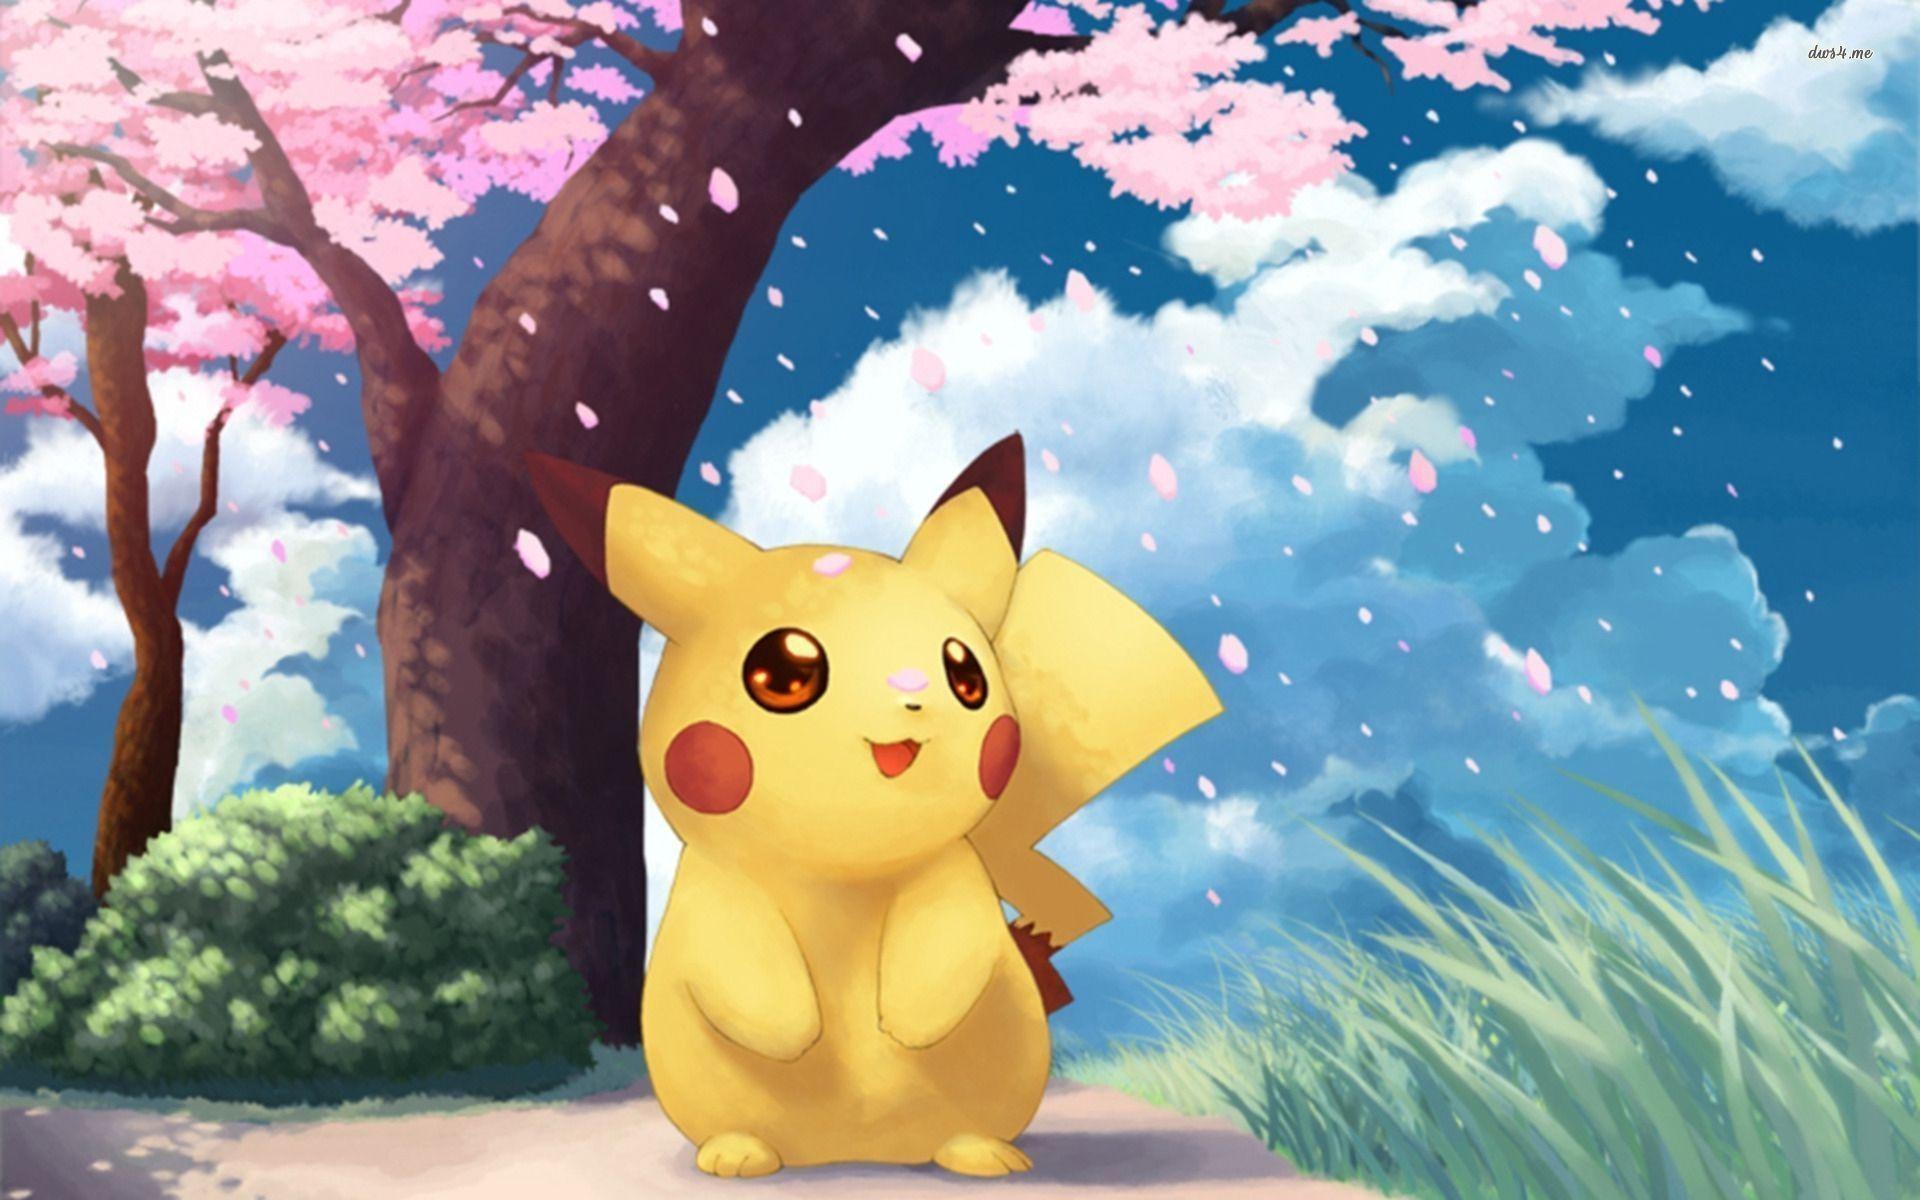 Res: 1920x1200, Cute Pokémon Backgrounds 18. Previous Wallpaper